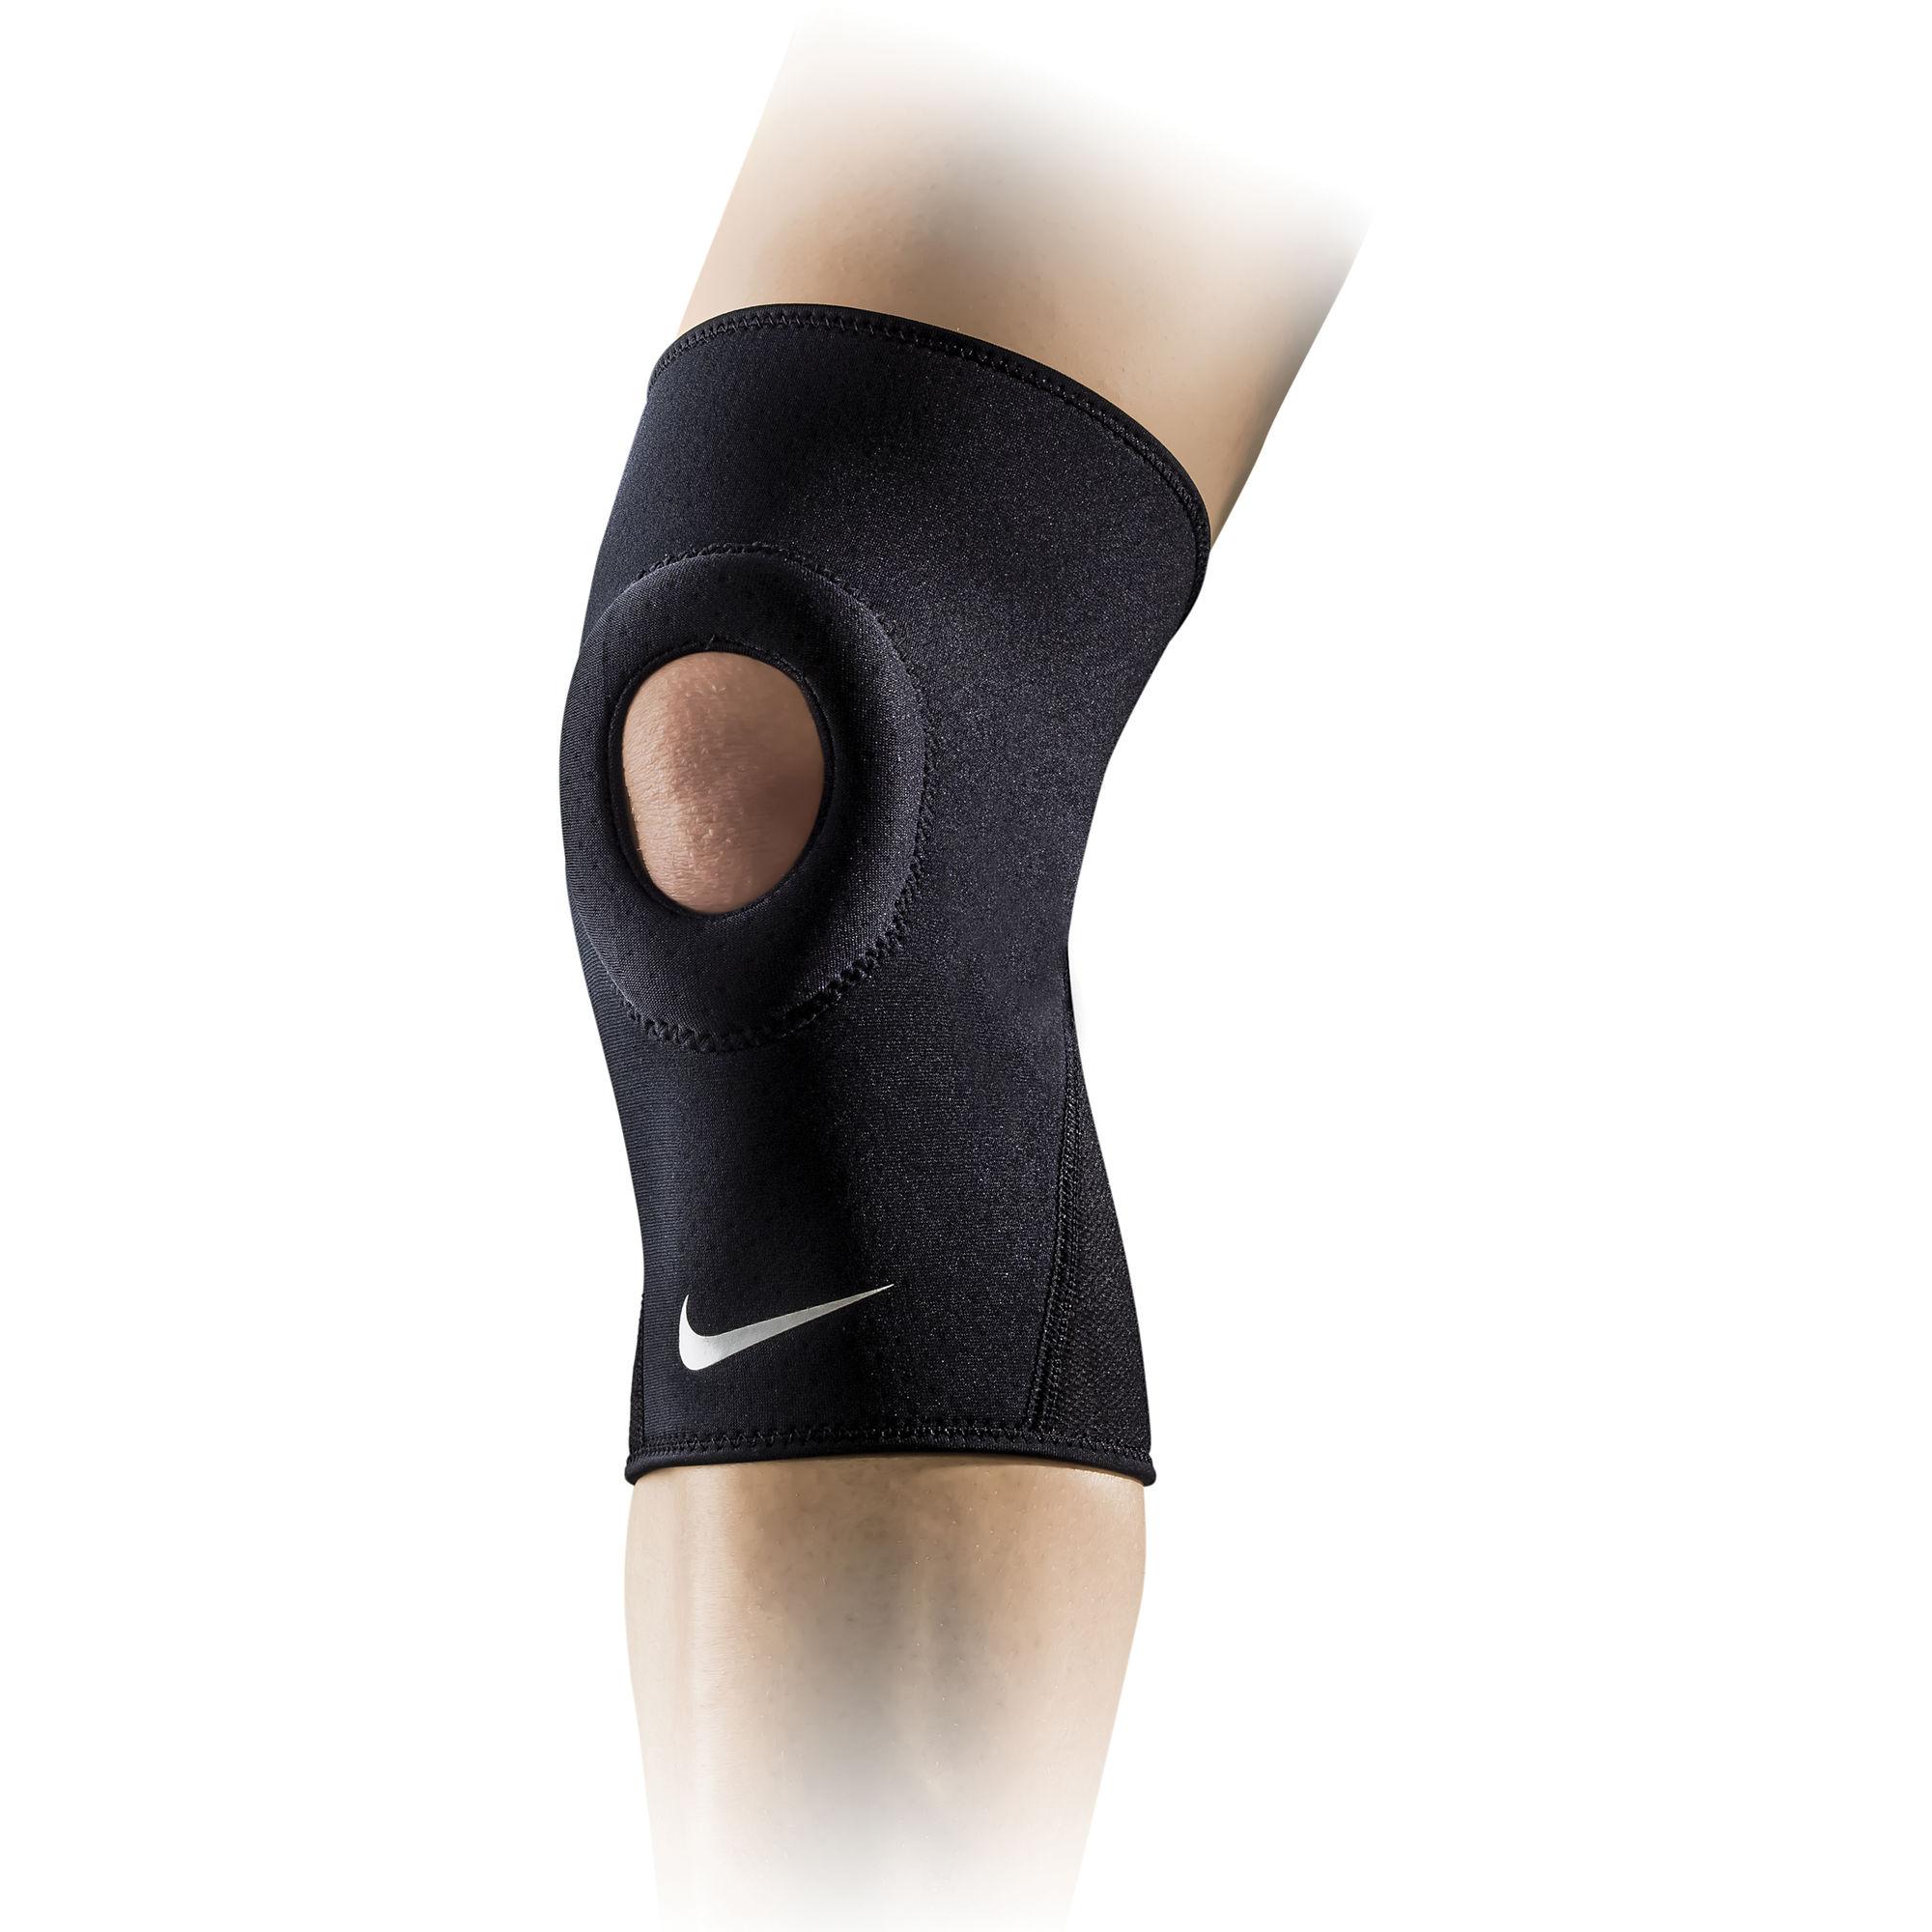 Nike Open Patella Knee Sleeve 2.0 - John Buckley Sports